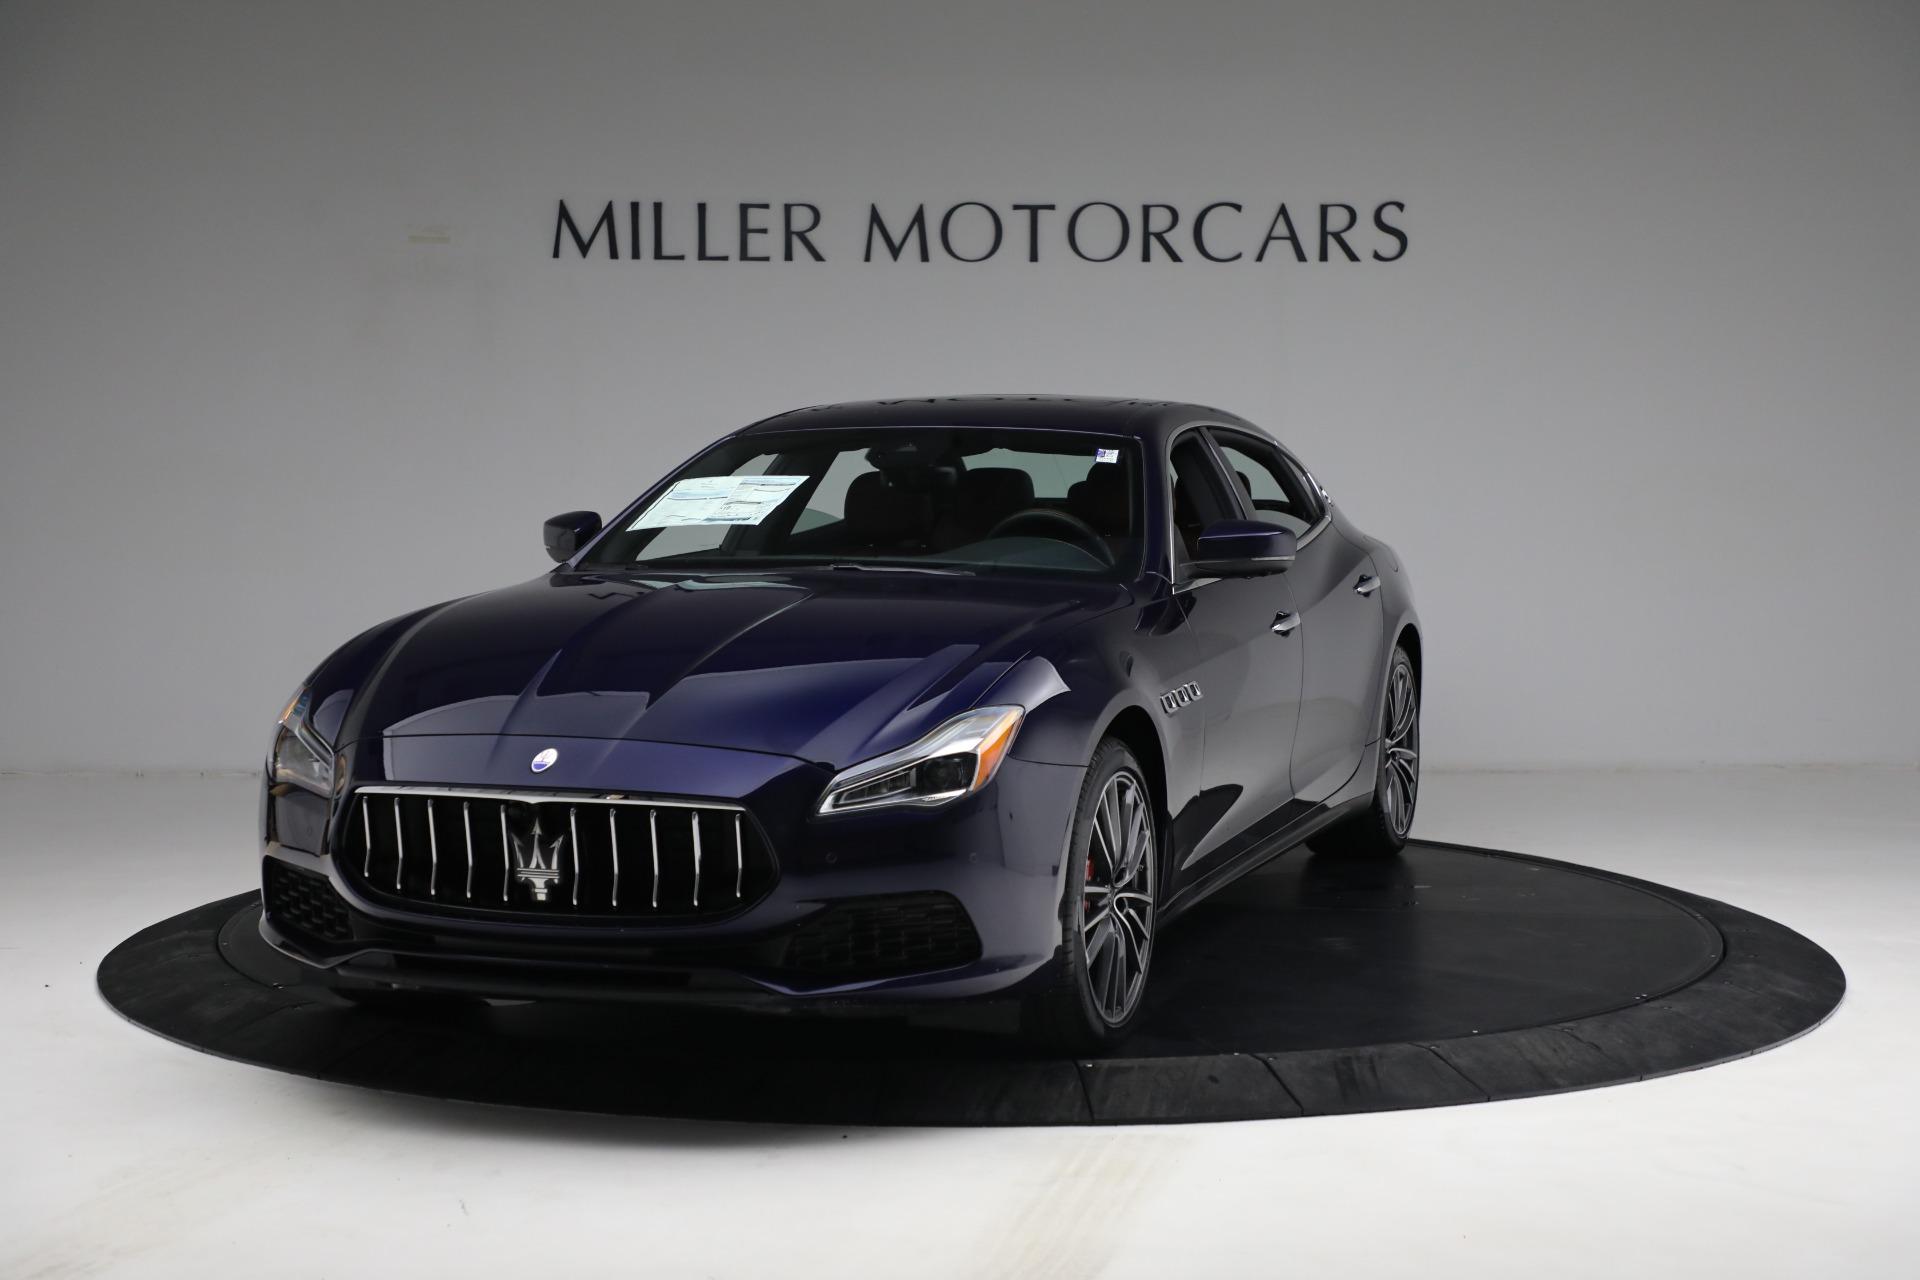 New 2021 Maserati Quattroporte S Q4 for sale $121,749 at Pagani of Greenwich in Greenwich CT 06830 1